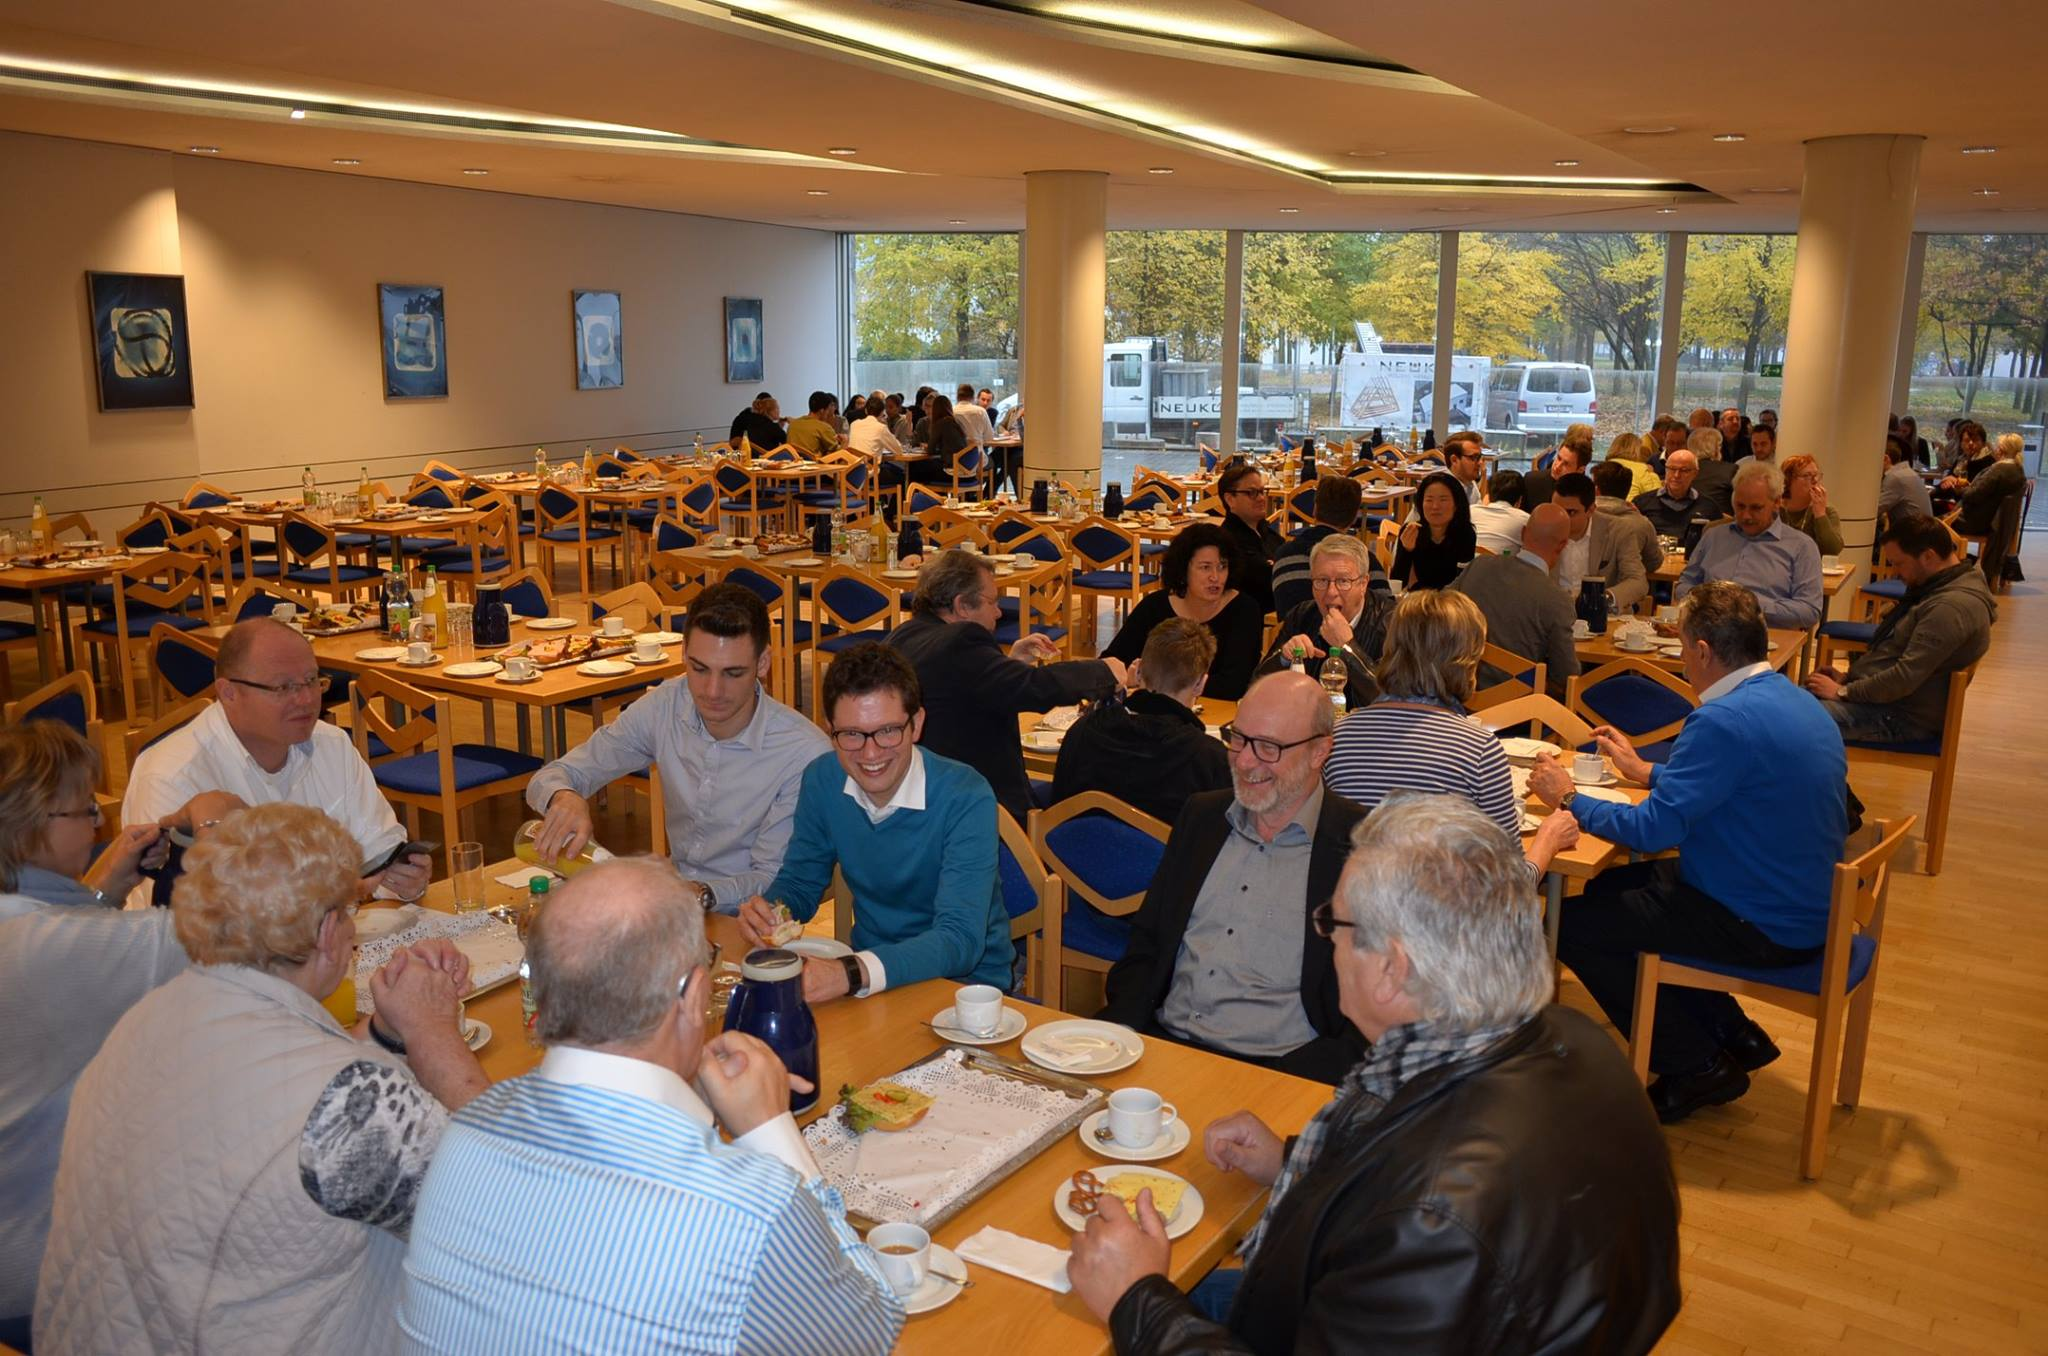 Frühstück in der Kantine des Landtags